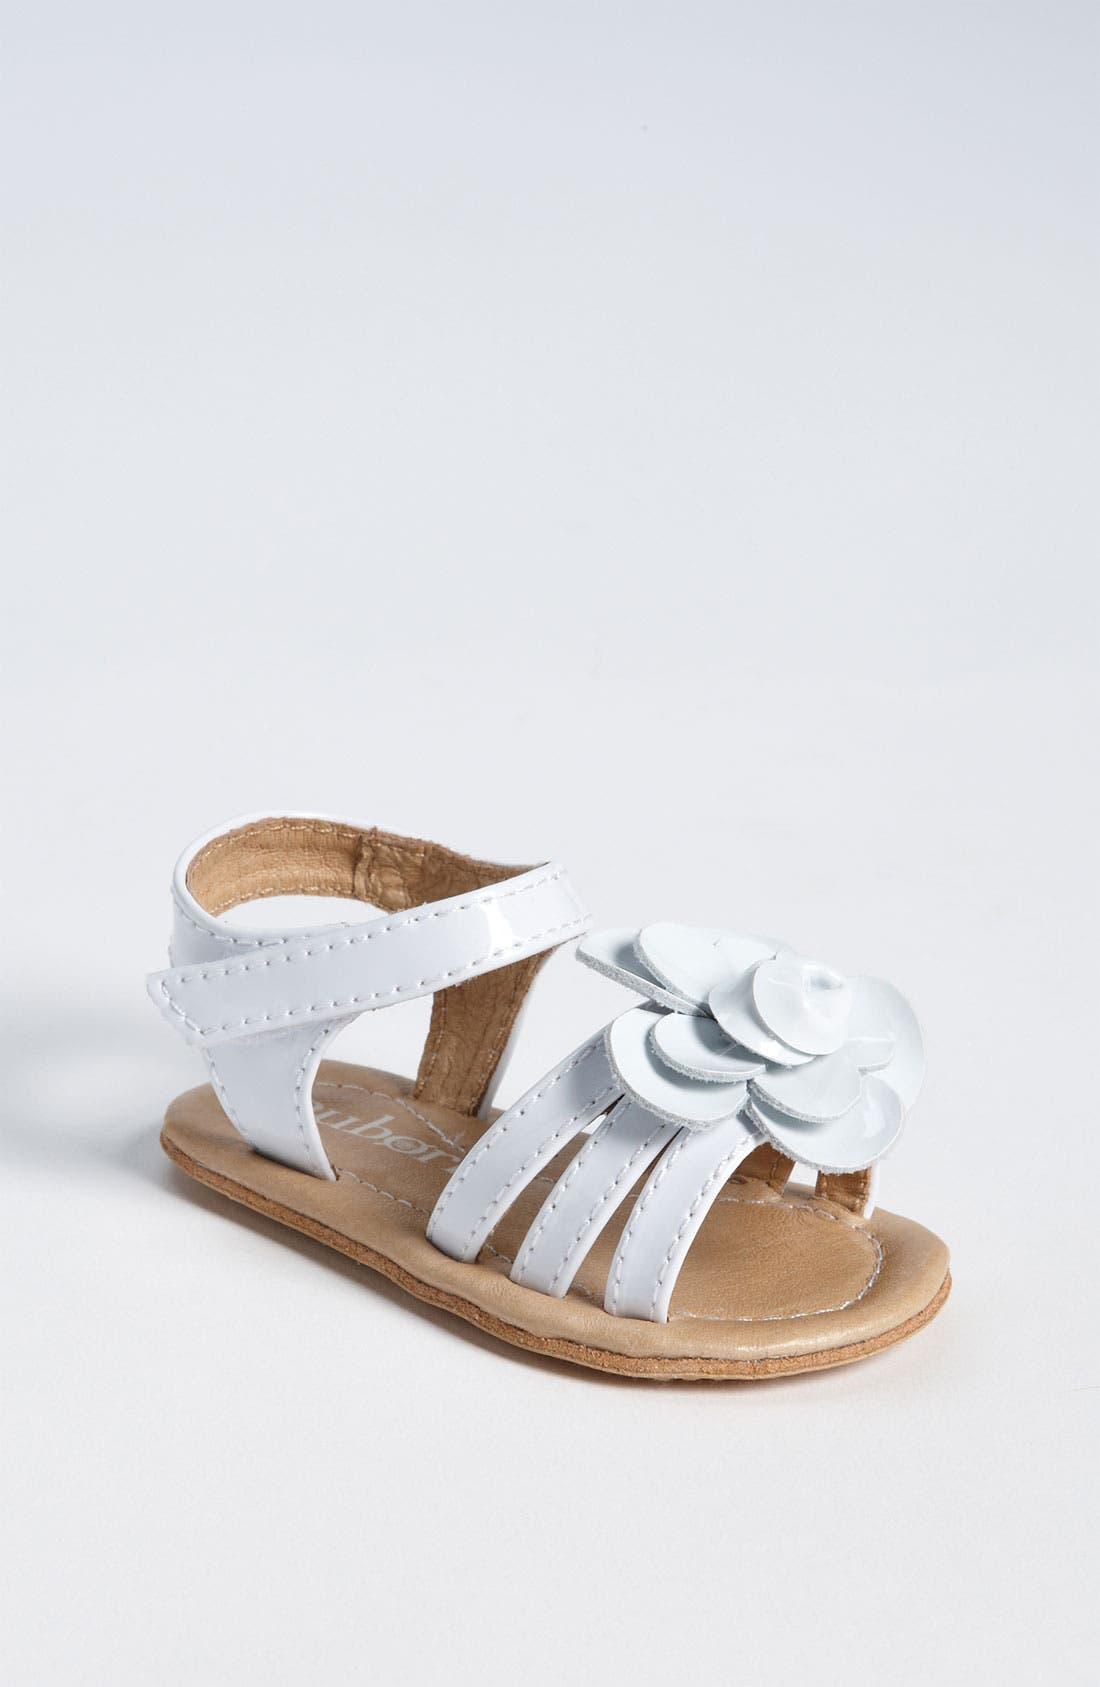 Alternate Image 1 Selected - Nubørn 'Dahlia' Sandal (Baby)